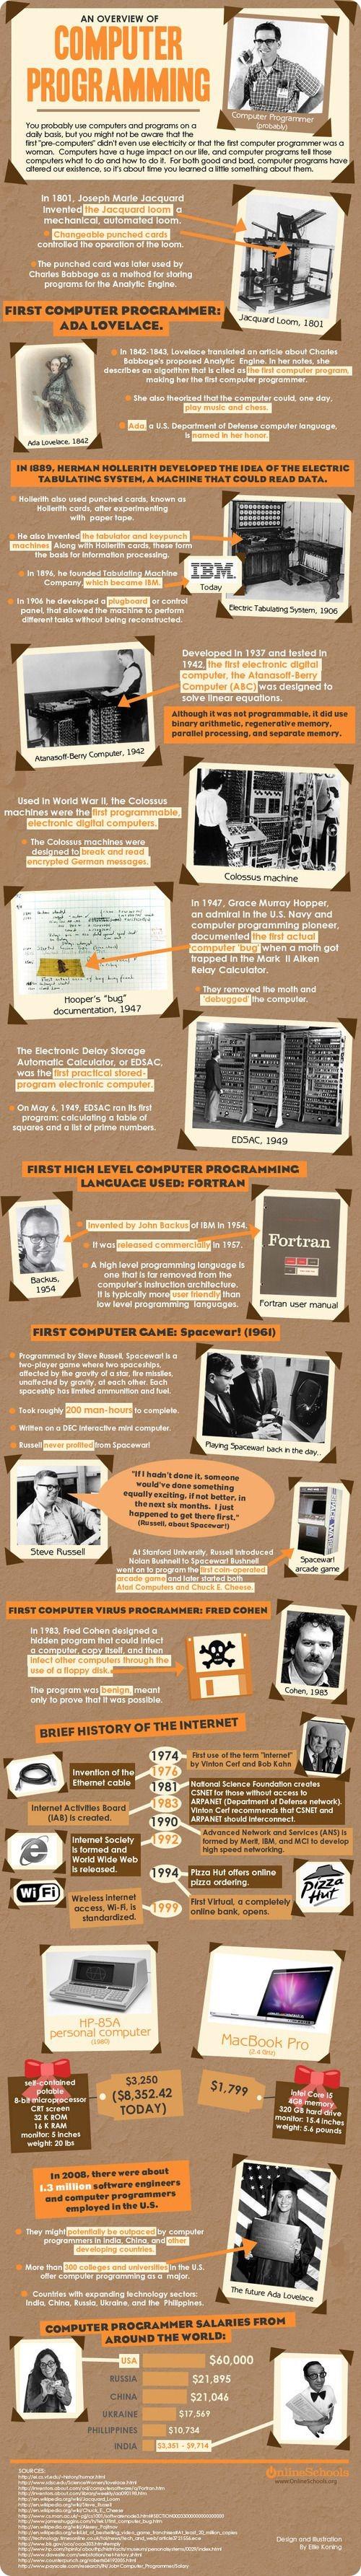 Visual_History_of_Computer_Programming